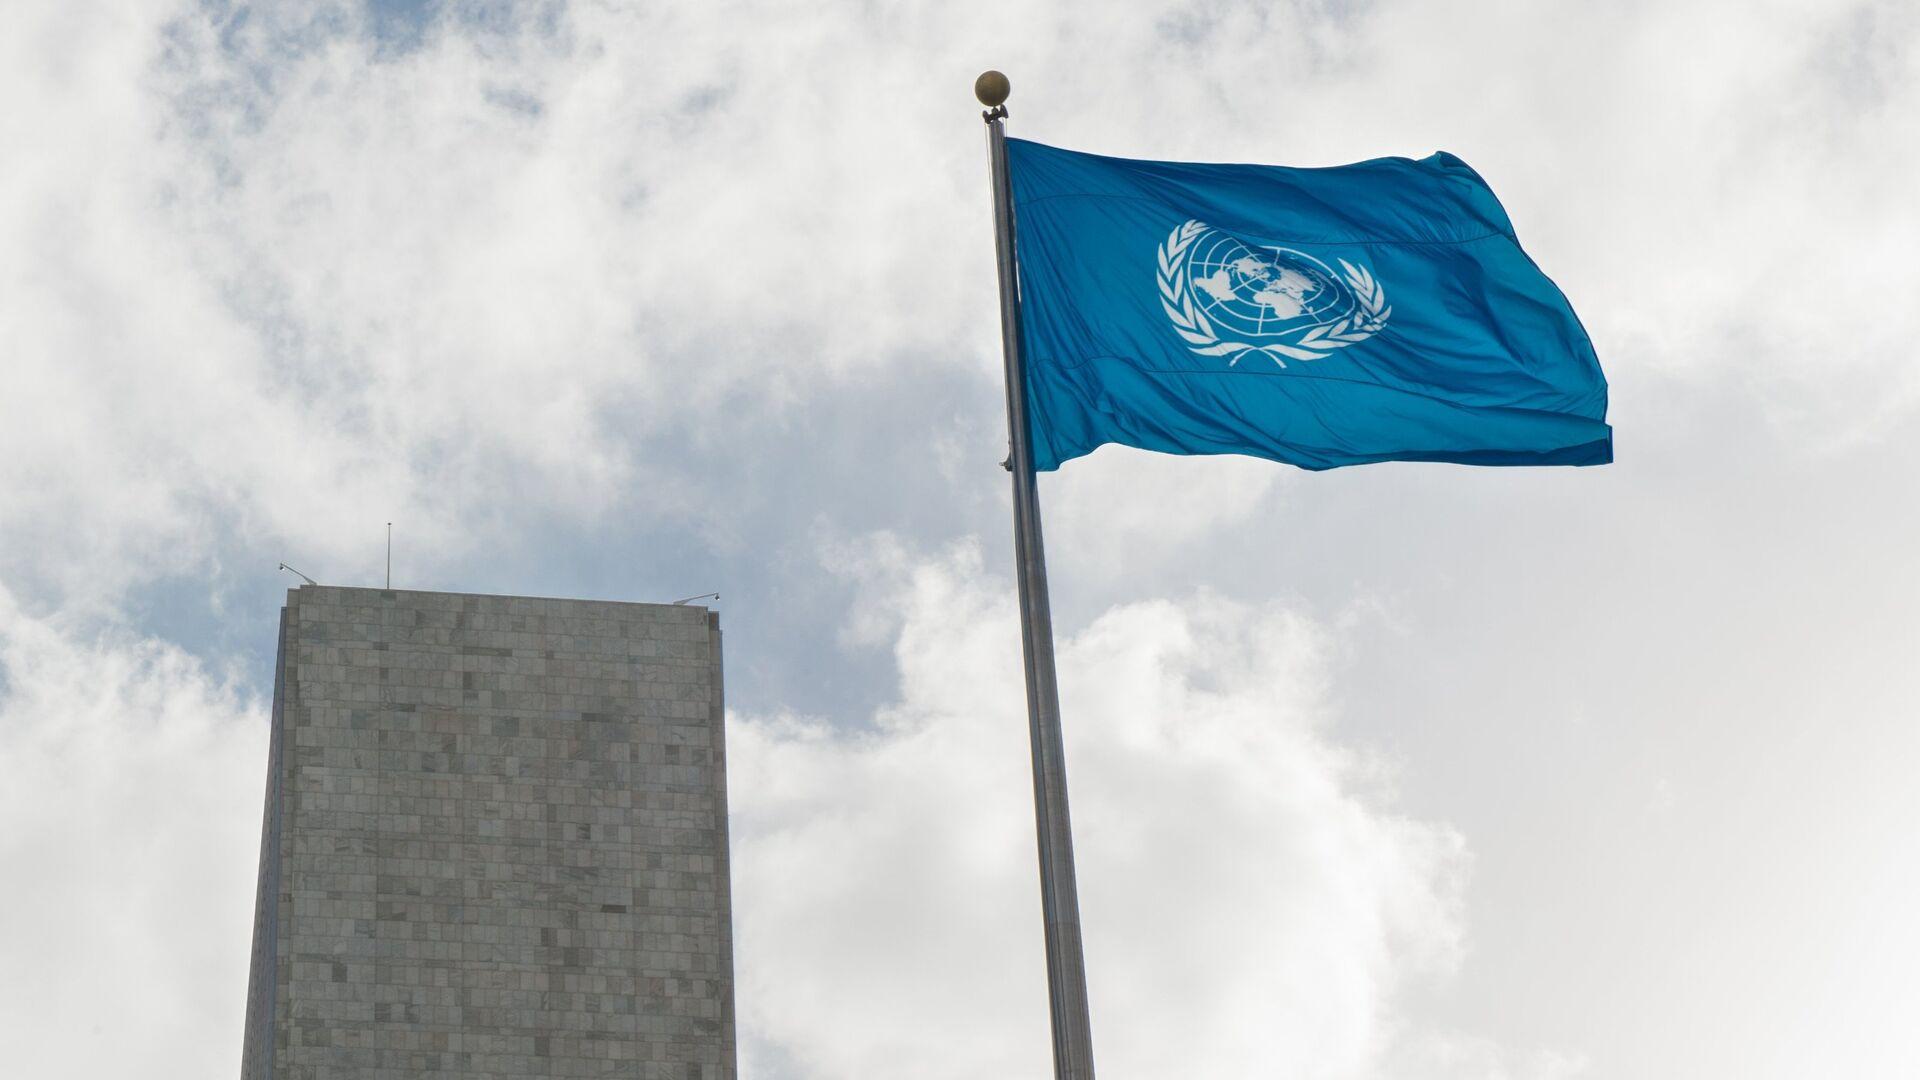 La bandera de la ONU - Sputnik Mundo, 1920, 27.05.2021